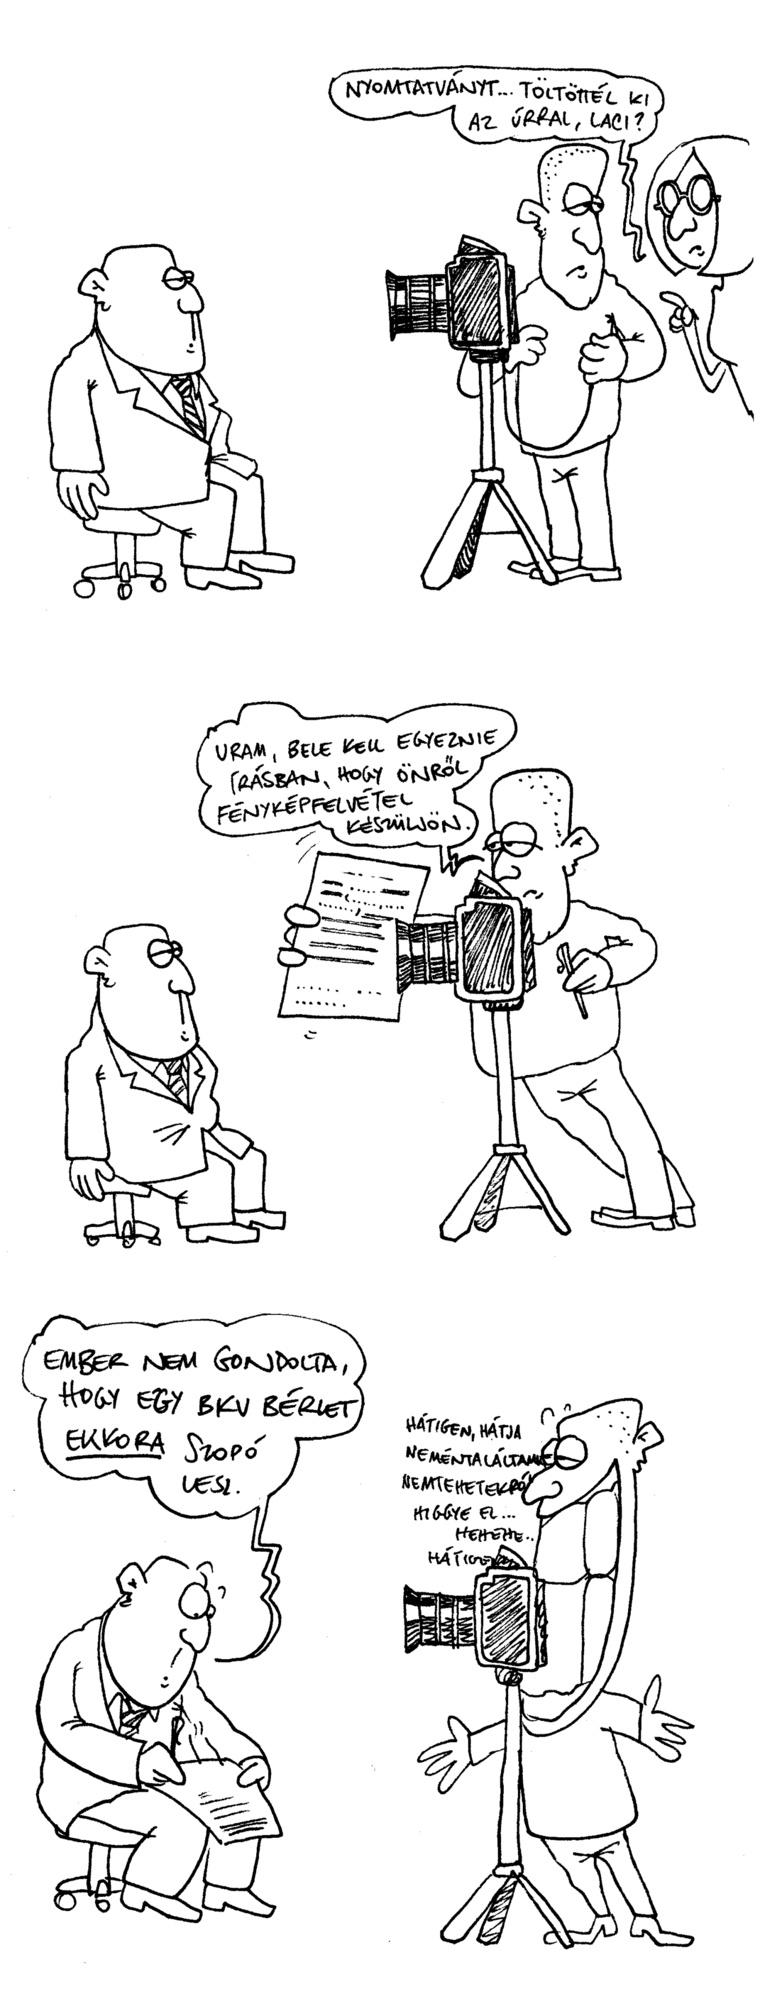 285 nyomtatvany